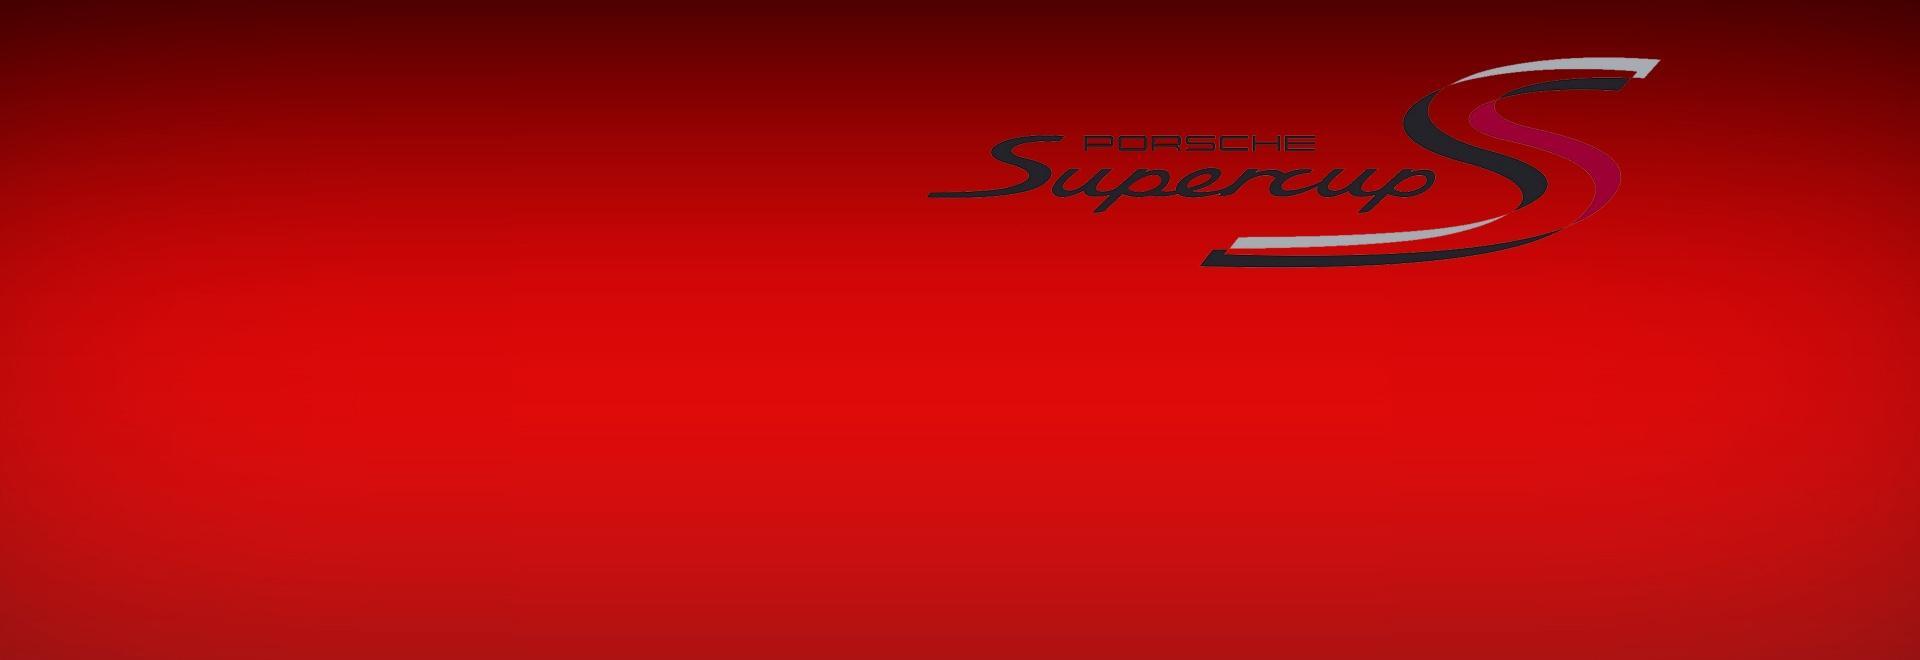 Porsche Supercup 2017